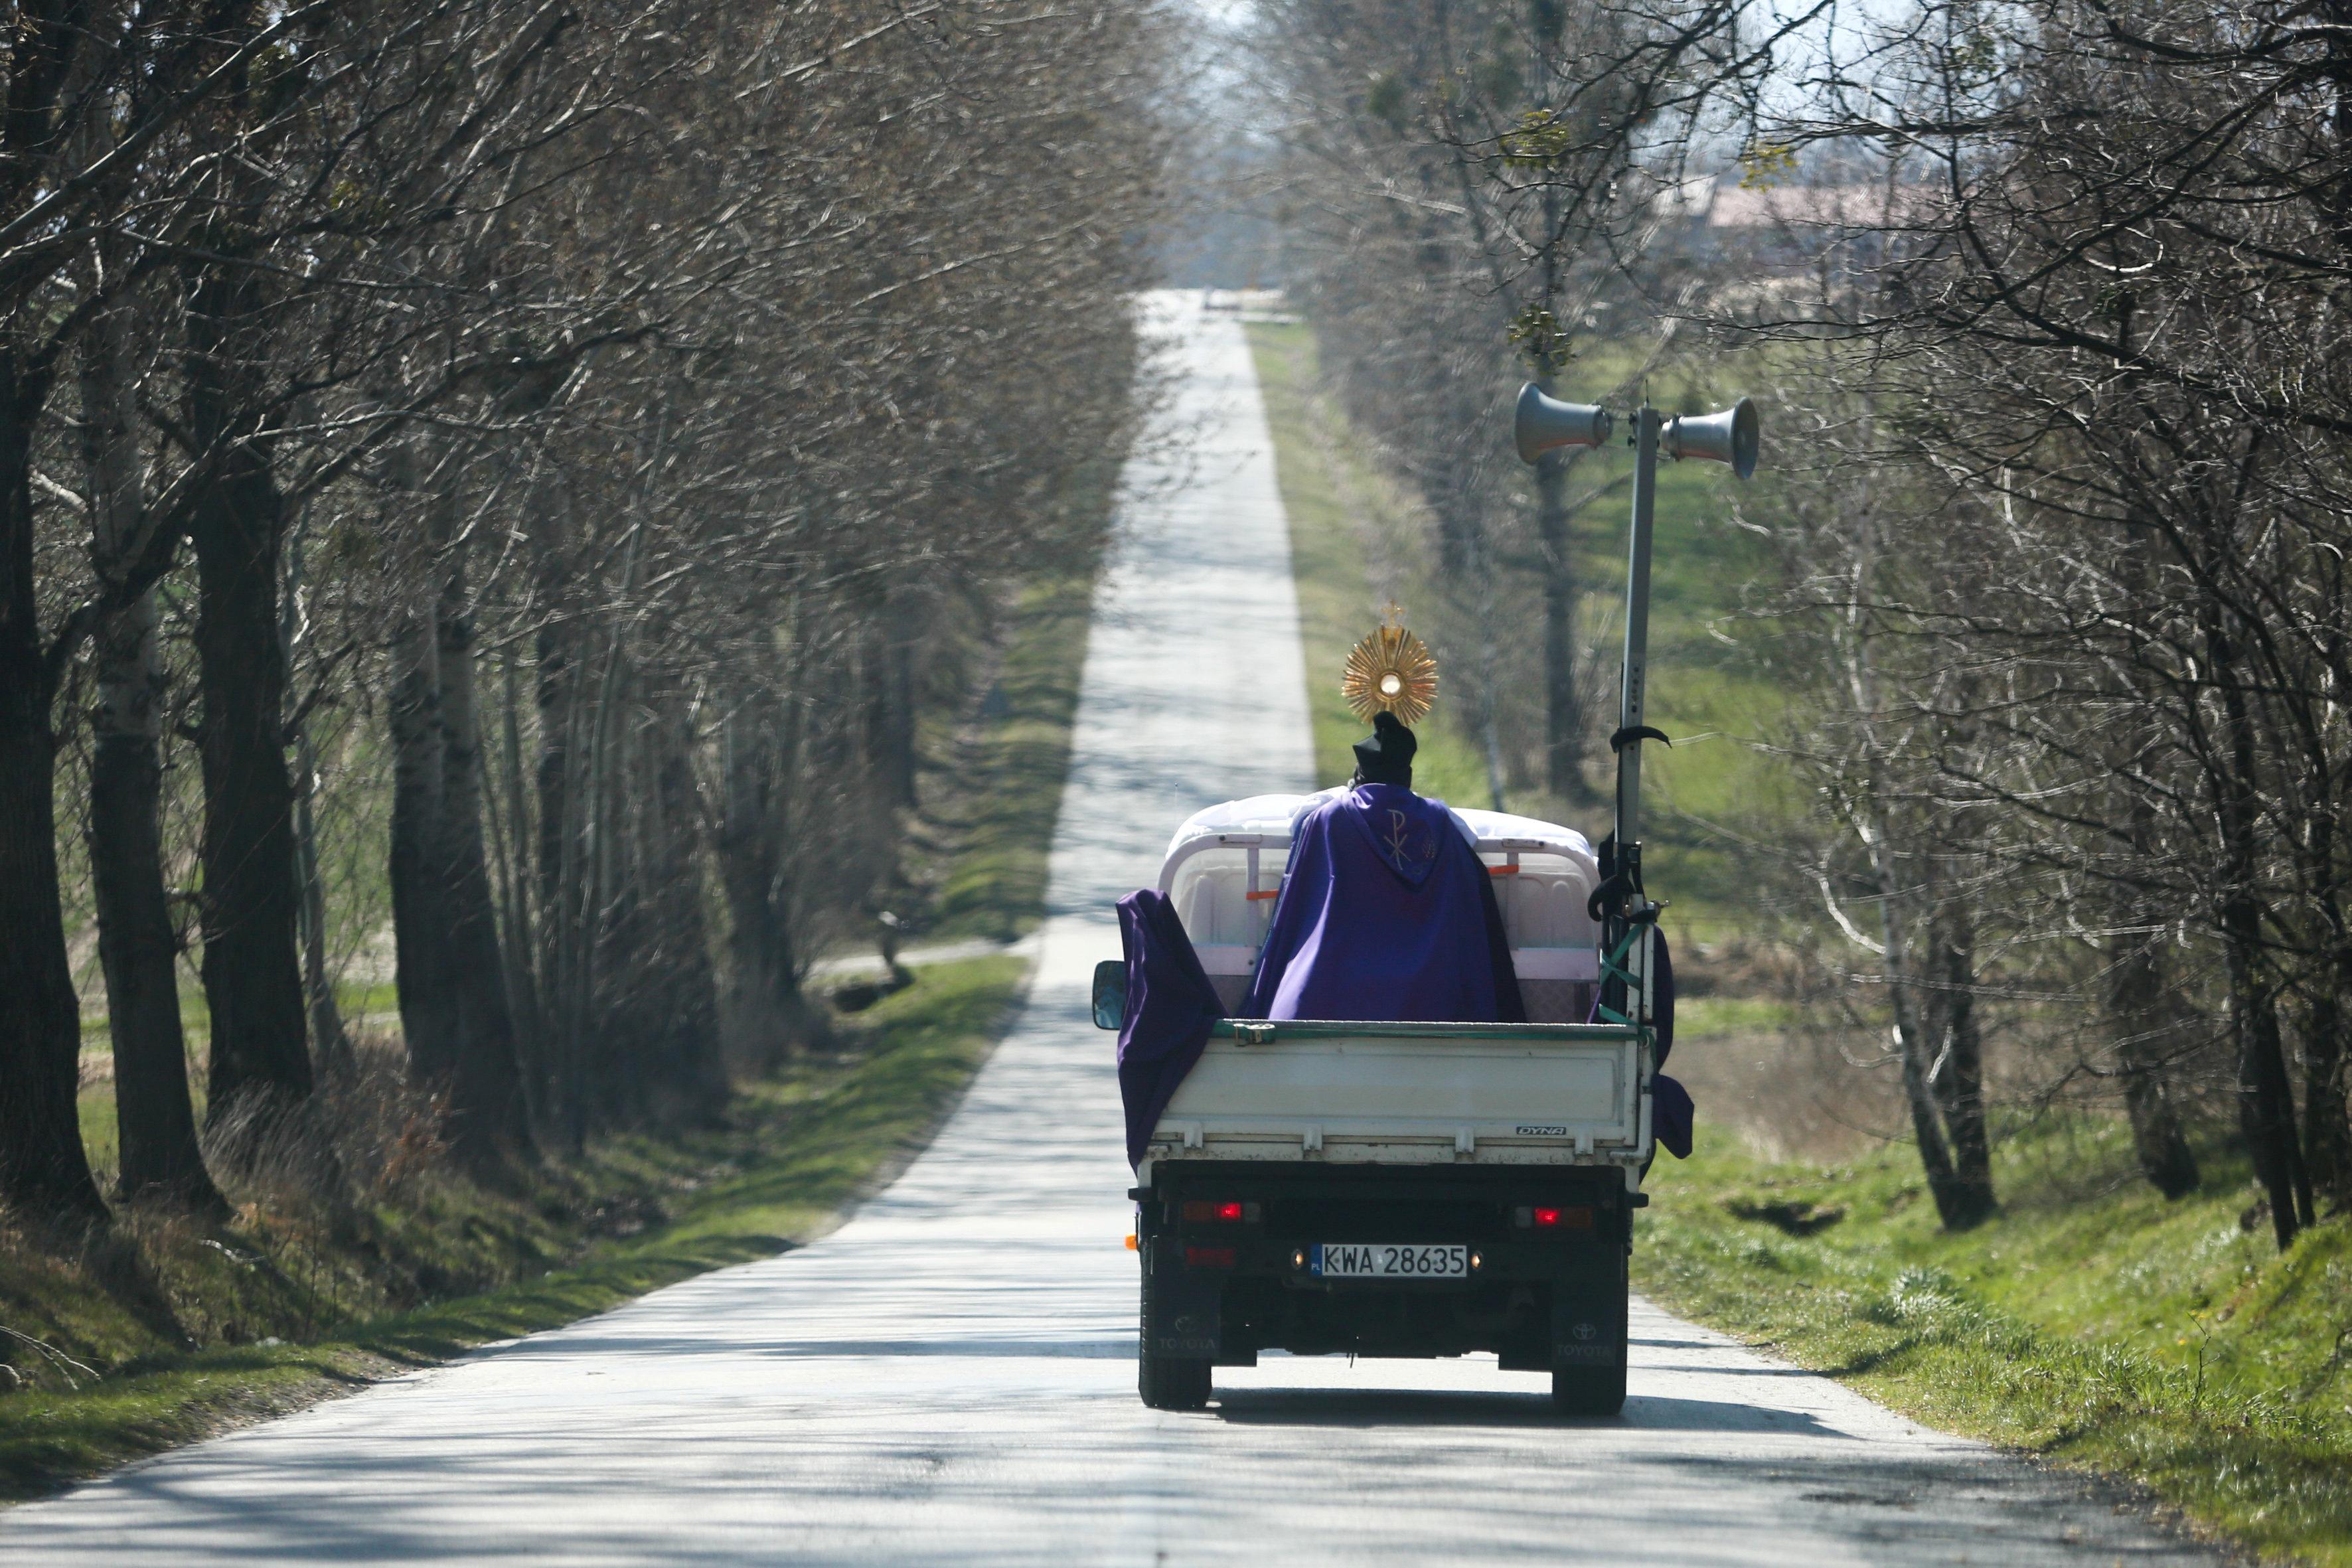 كاهن يرتدي قناعًا وقائيًا يقف على شاحنة صغيرة ويبارك المسيحيين فى القرى خلال أحد الشعانين في نيديك ببولندا